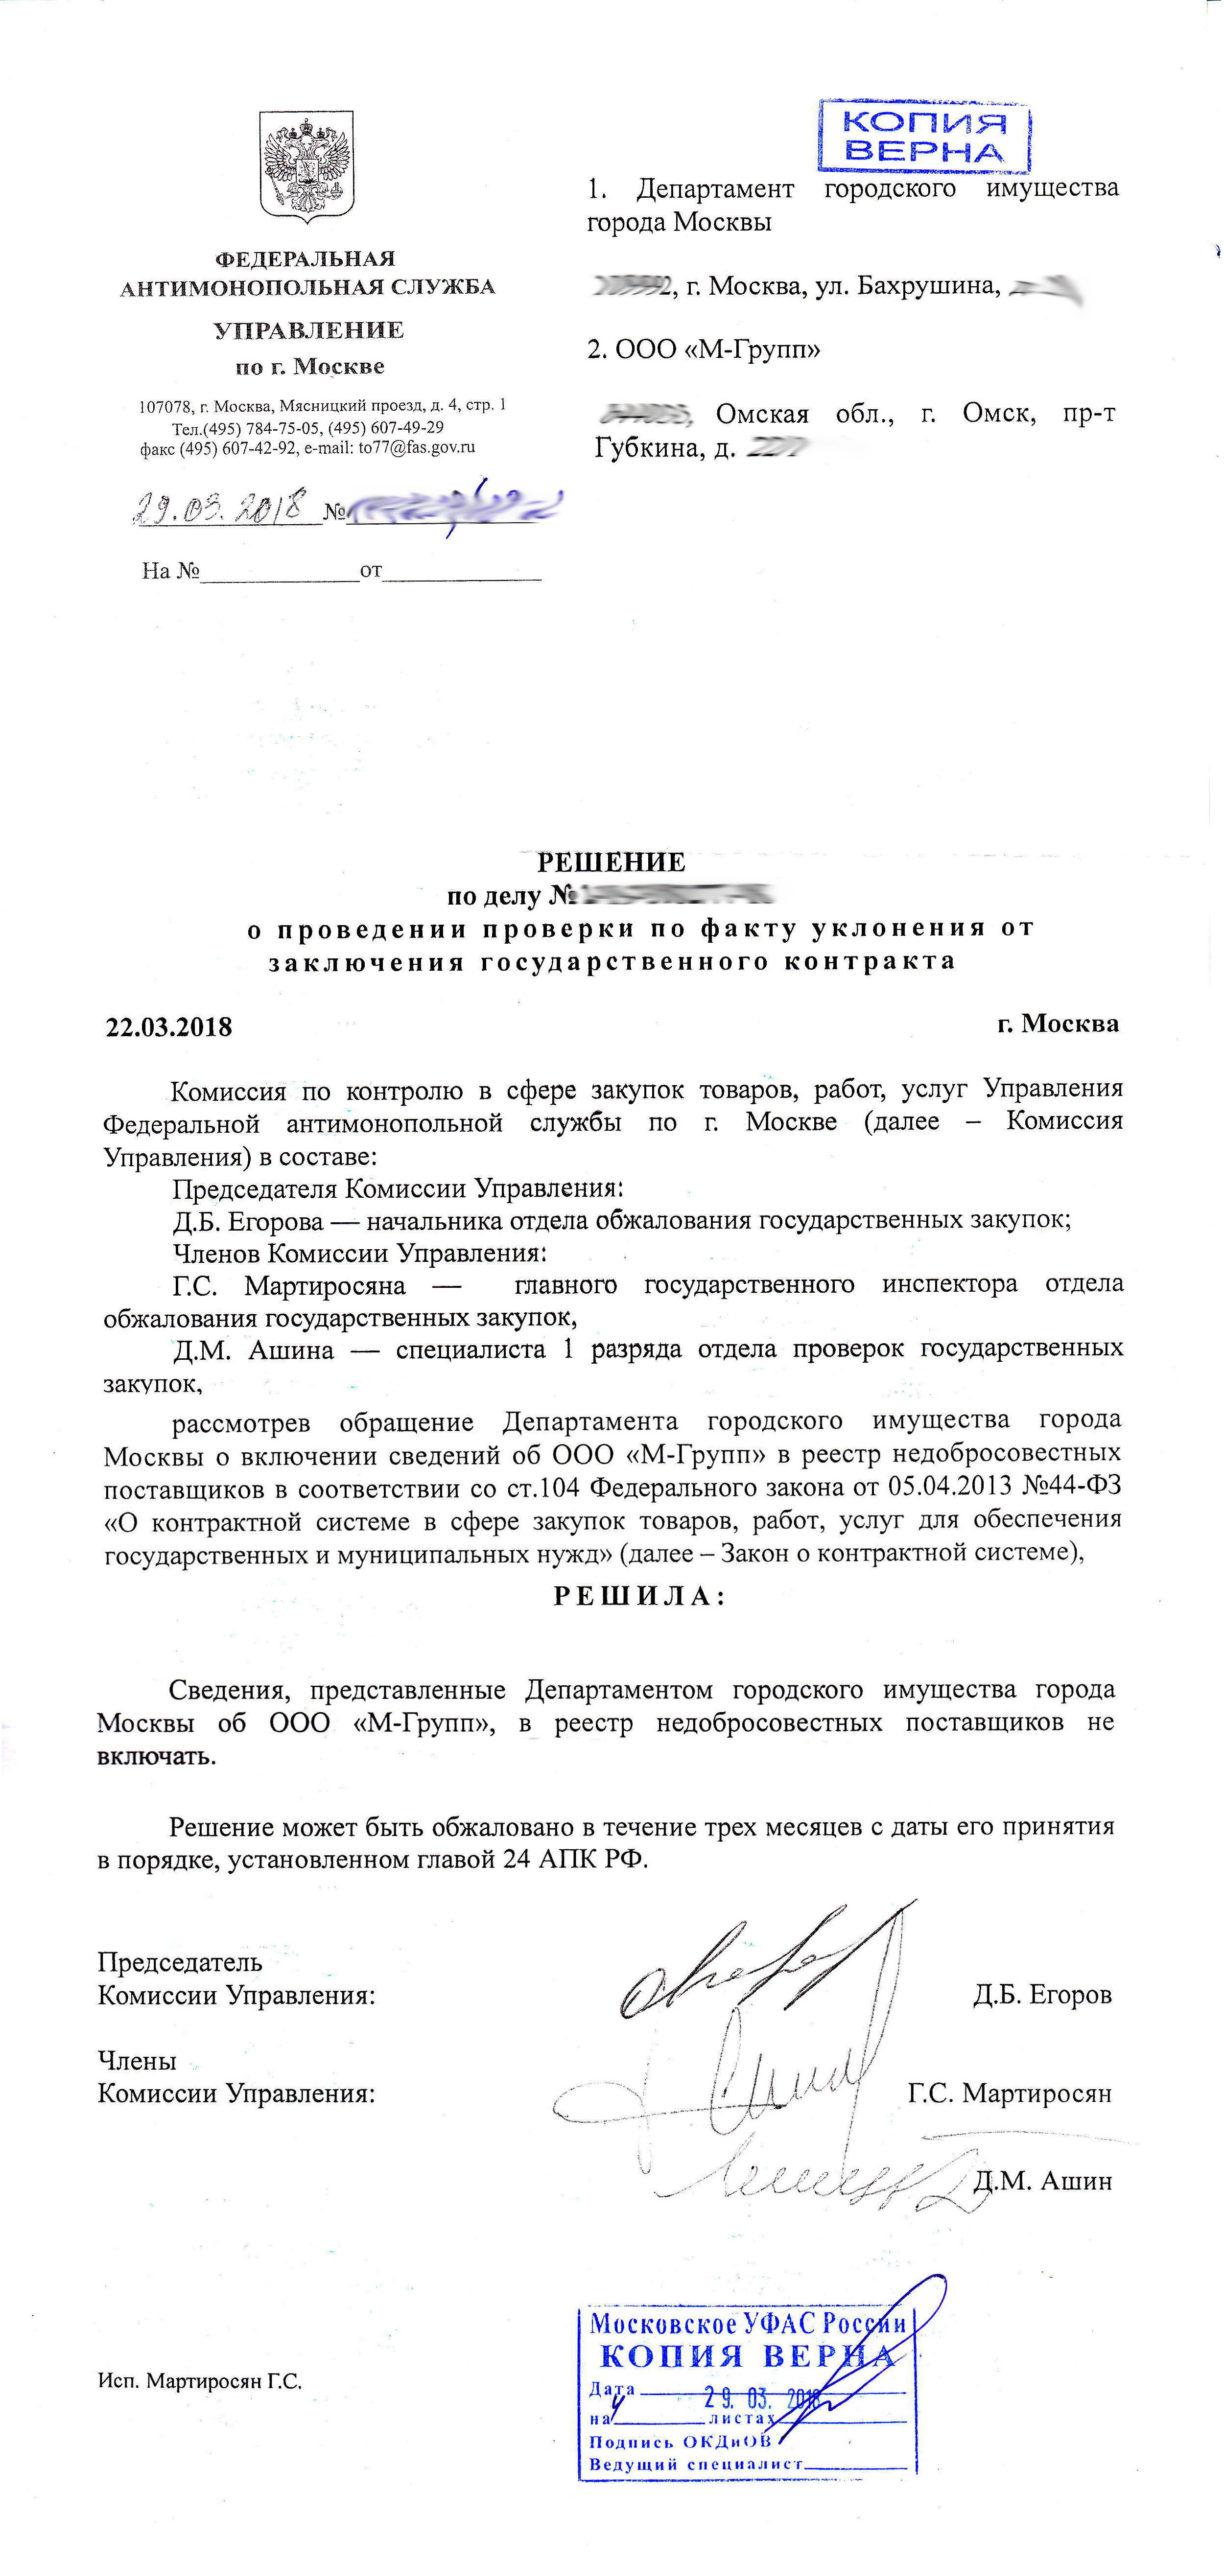 Московское УФАС М-Групп решение